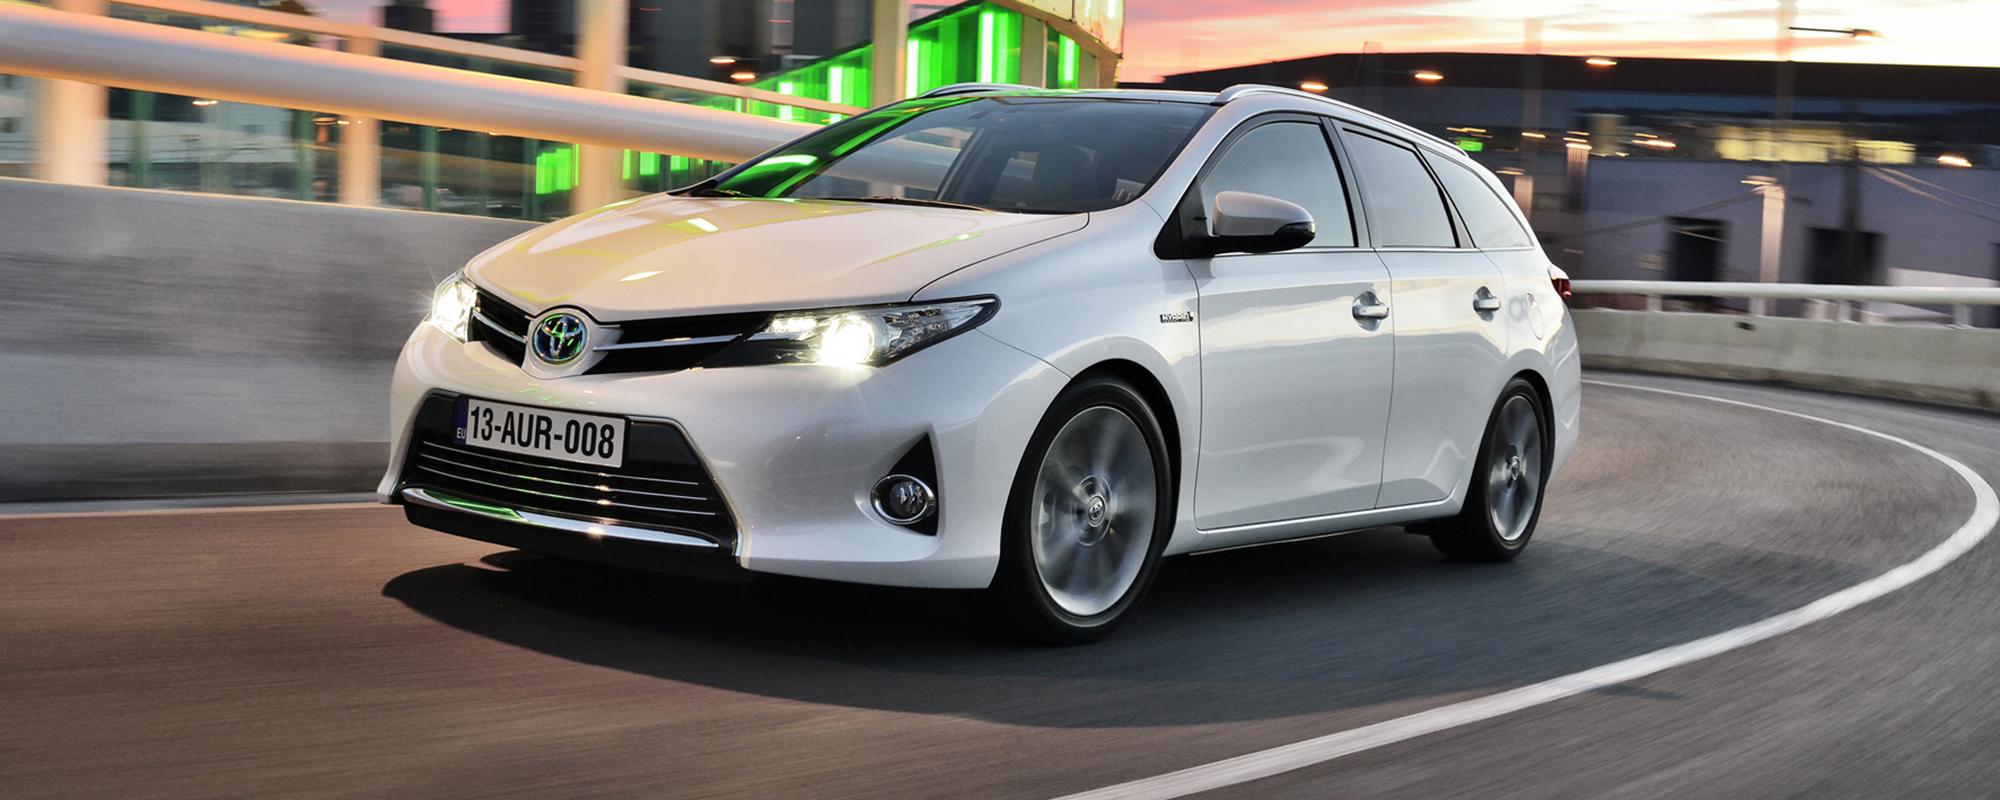 Bedrijfsleven en leaserijders kiezen voor Toyota